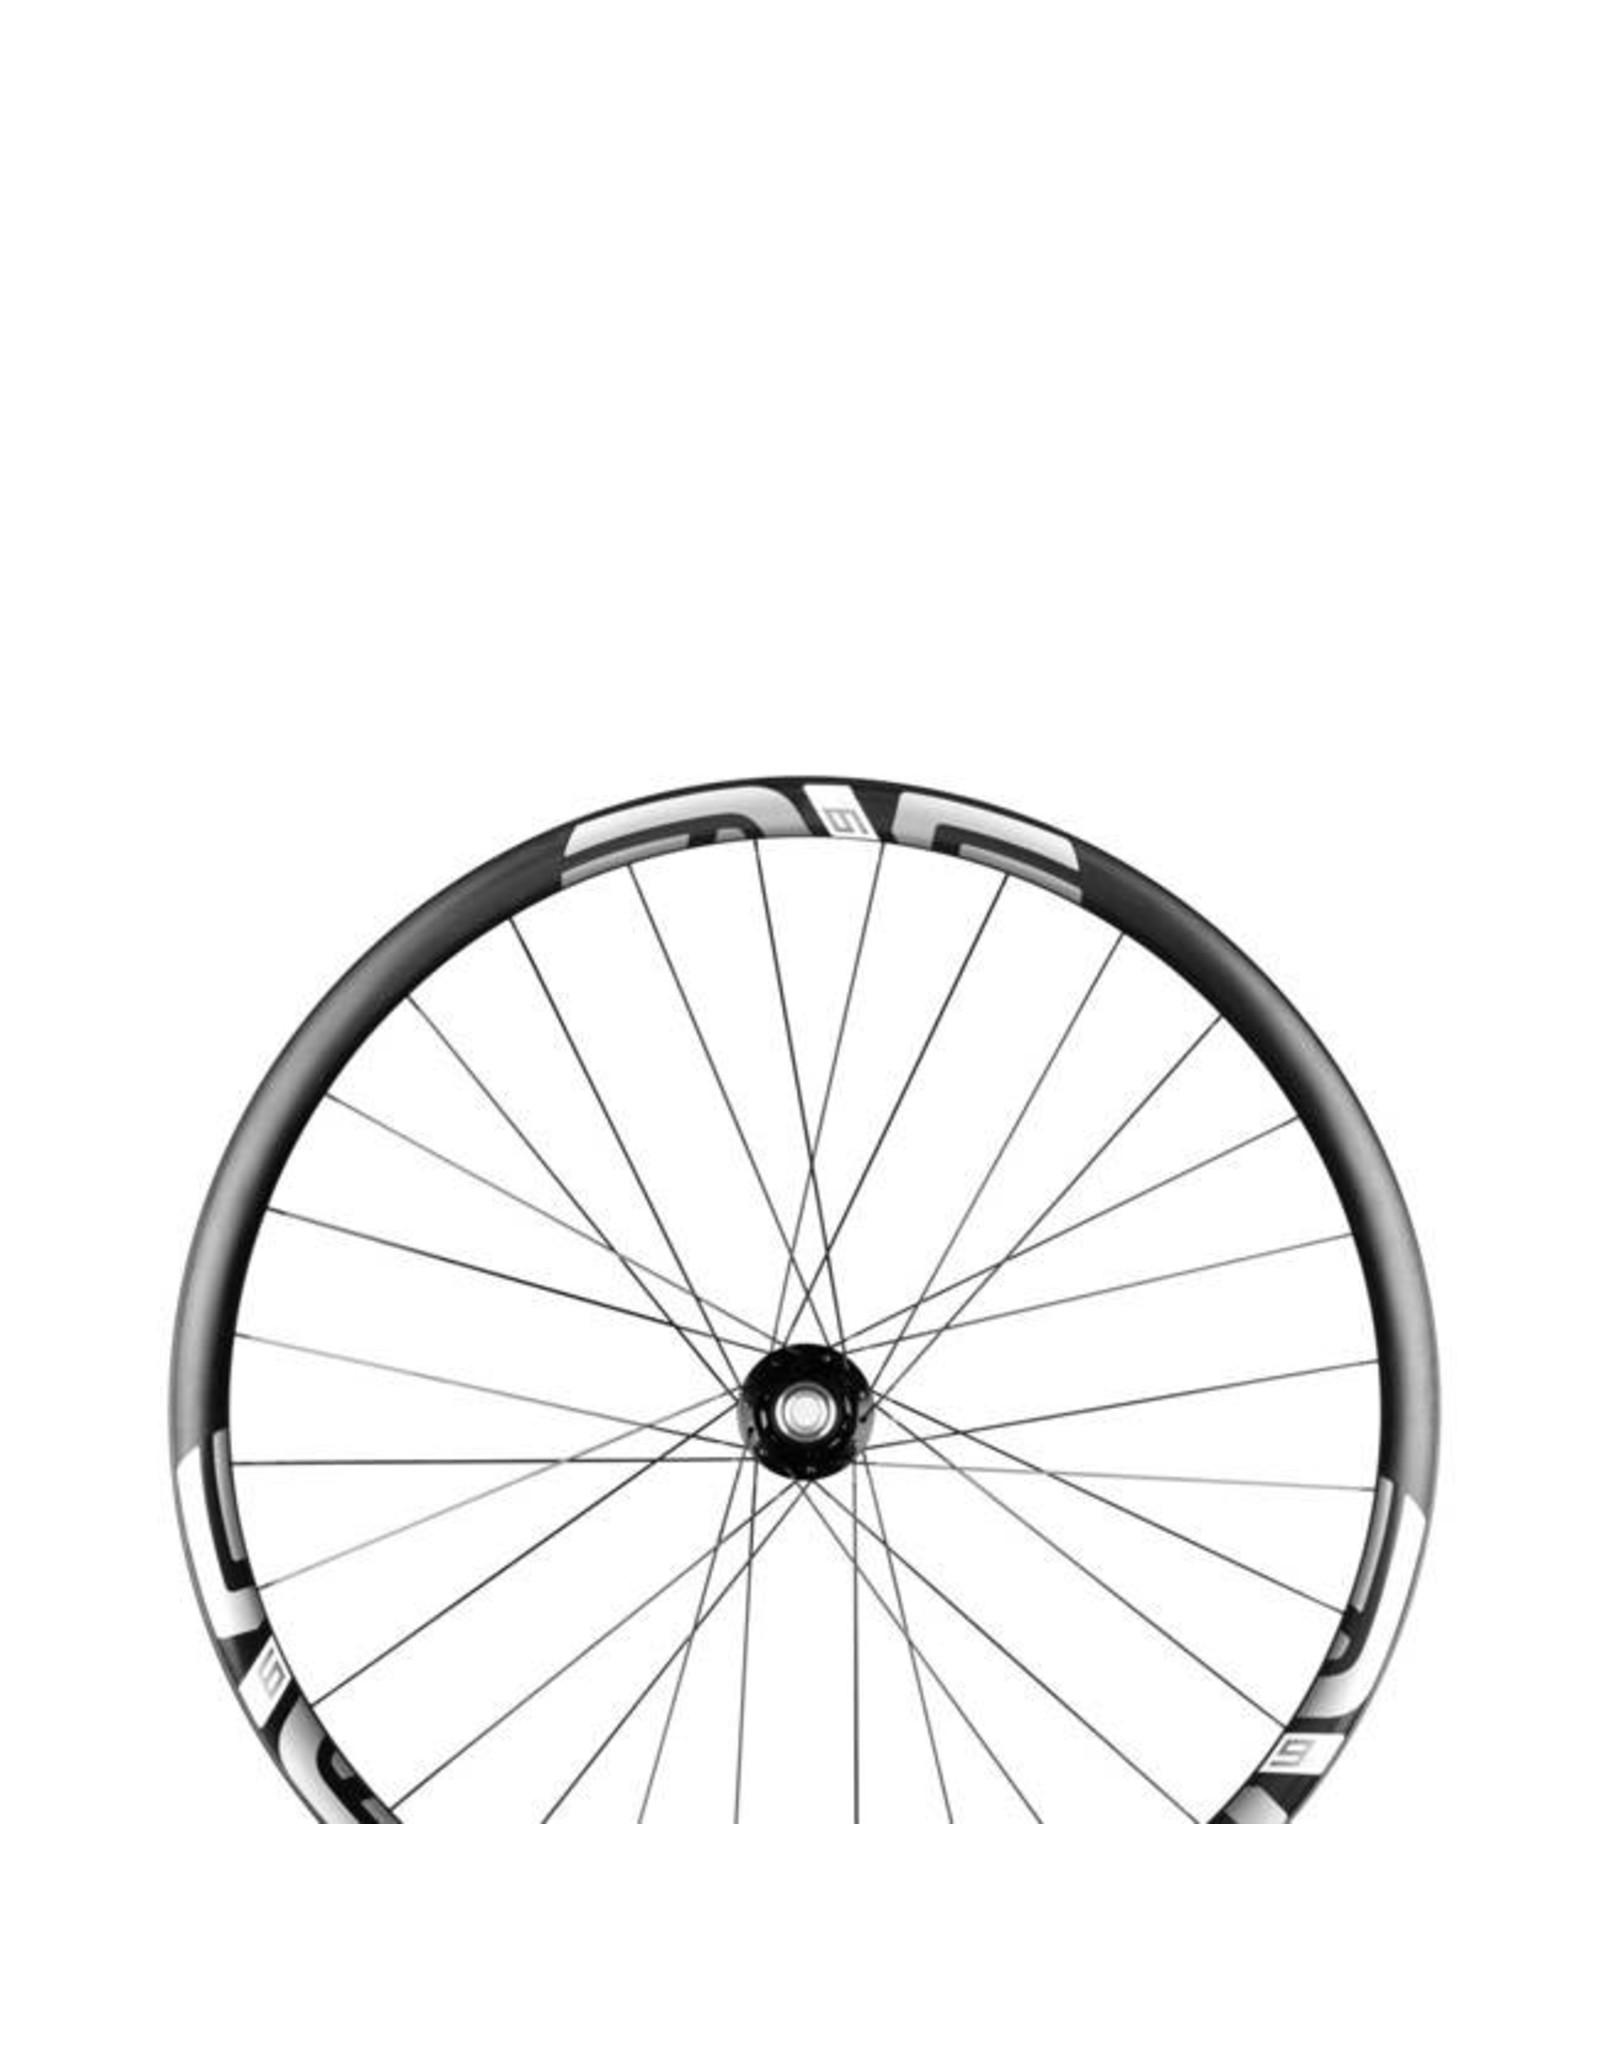 """ENVE Composites ENVE M630 29"""" Wheelset 15 x 110, 12 x 148mm Boost, DT-Swiss Centerlock, Shimano"""